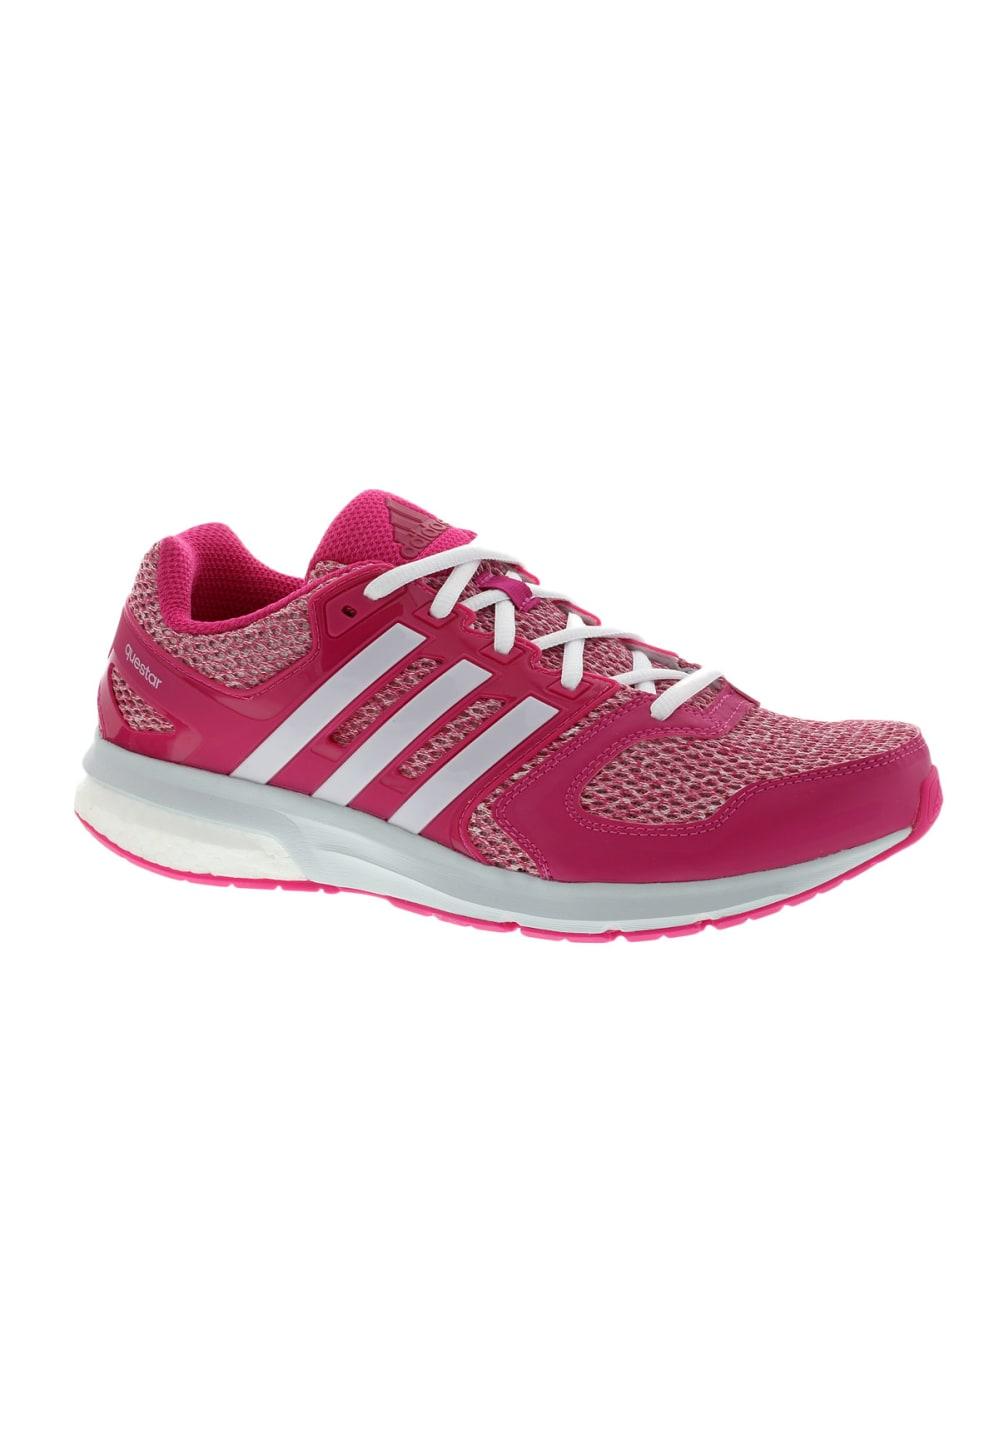 timeless design 1300c d20e5 Boost Chaussures Femme Running 21run Pour Rose Adidas Questar fqU8ZZ